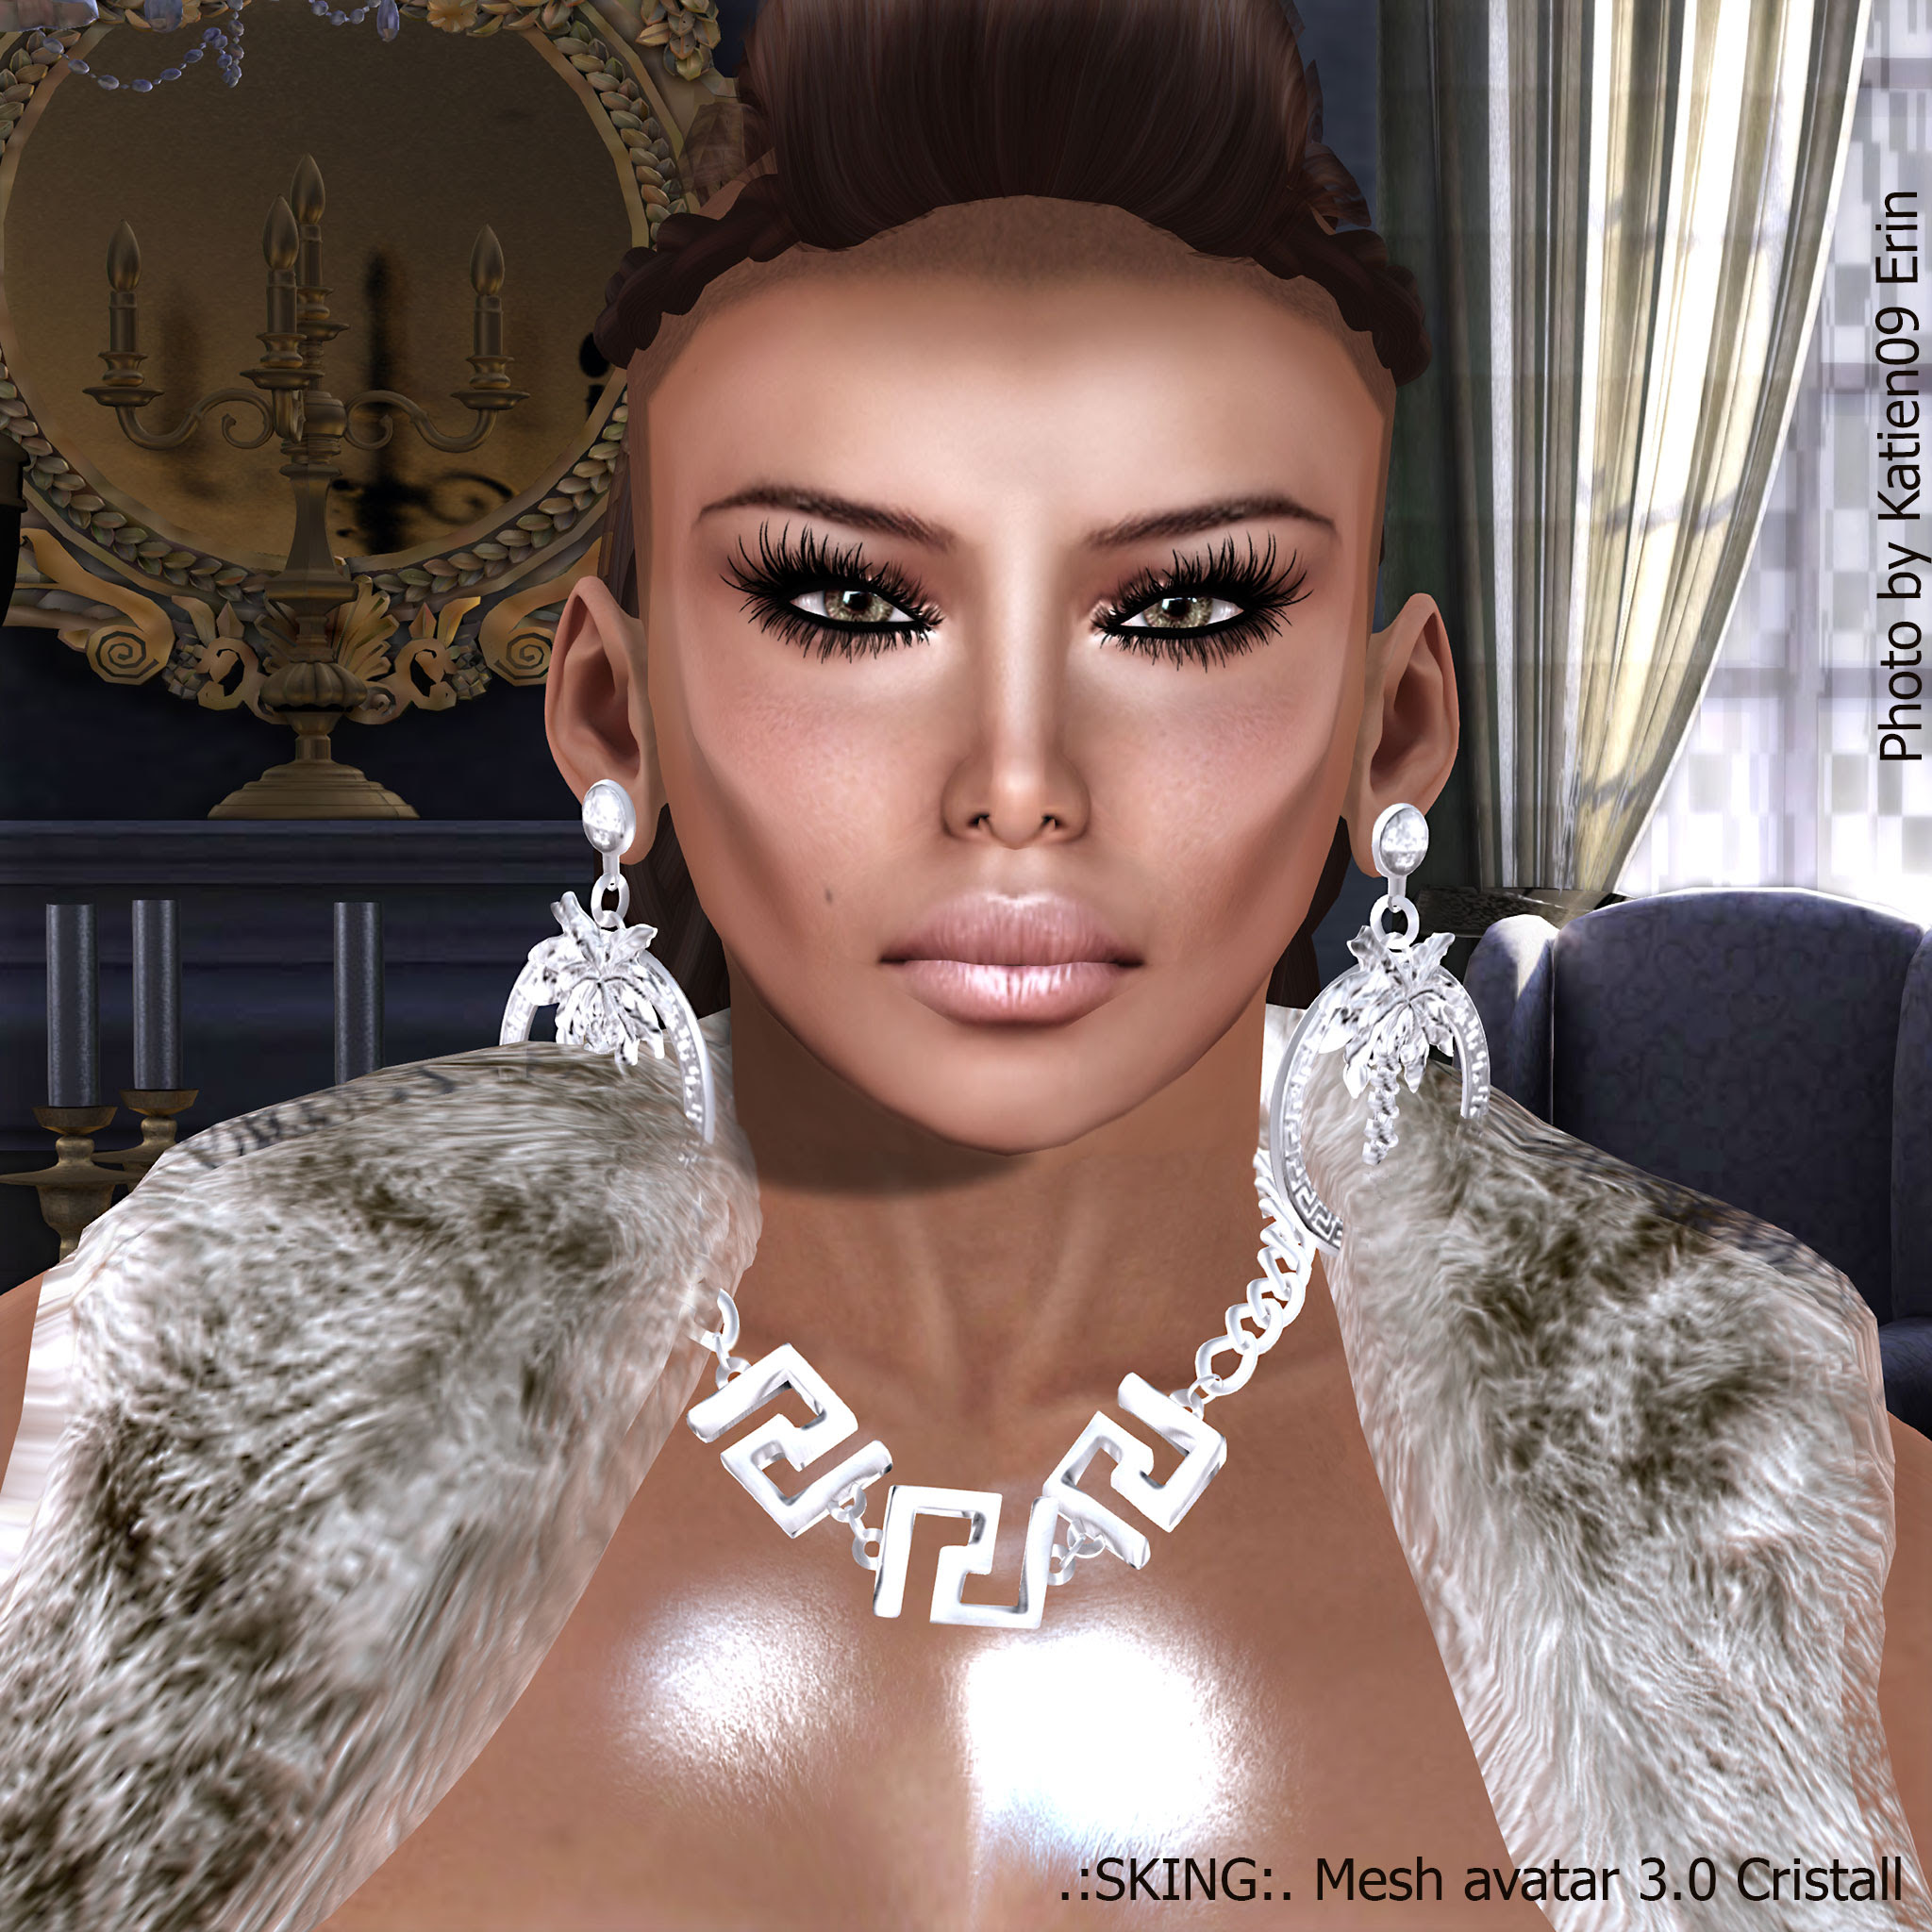 .:SKING:. Mesh avatar 3.0 Crystall - teaser